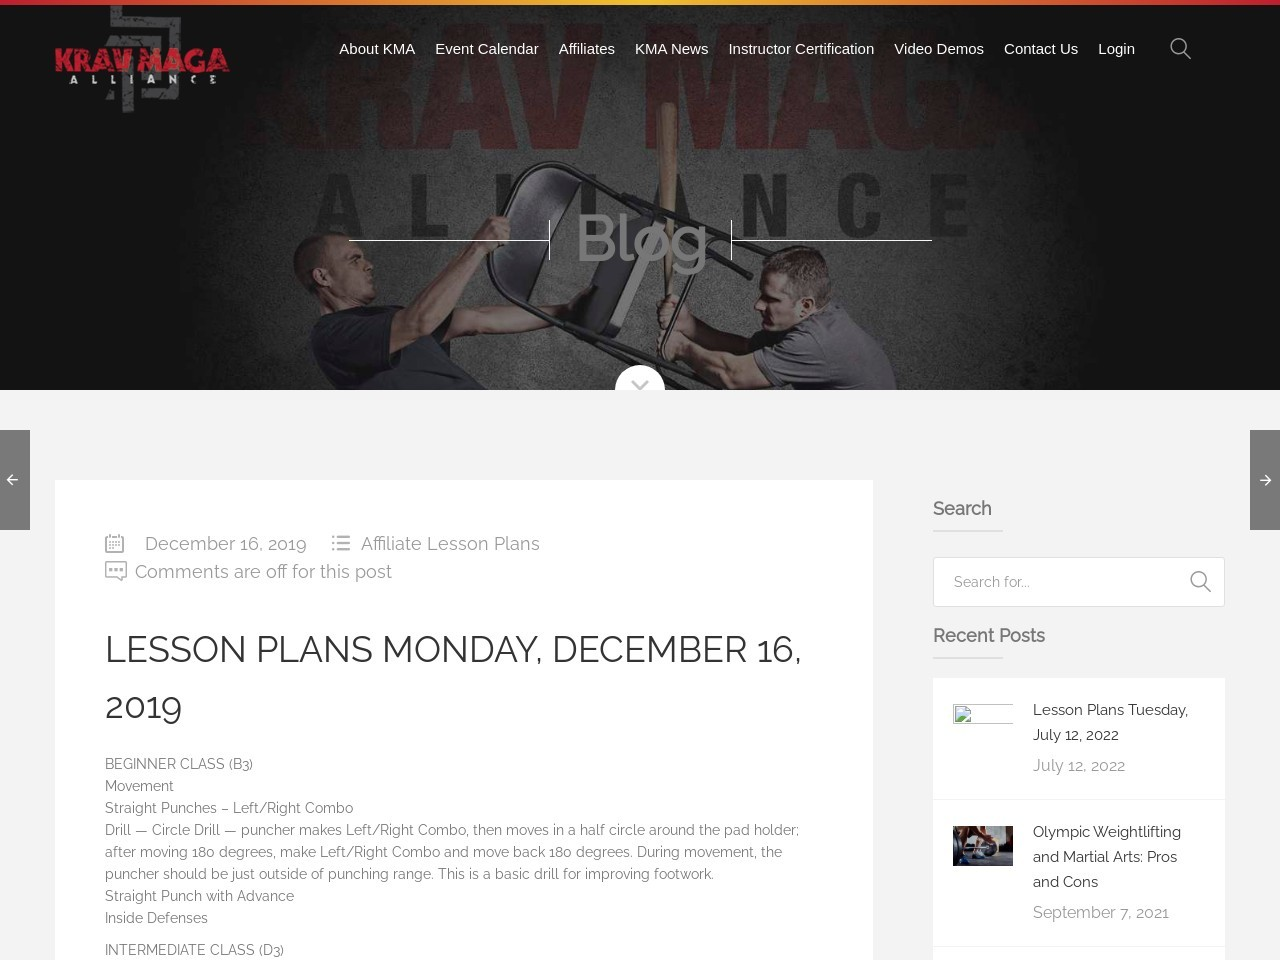 Lesson Plans Monday, December 16, 2019